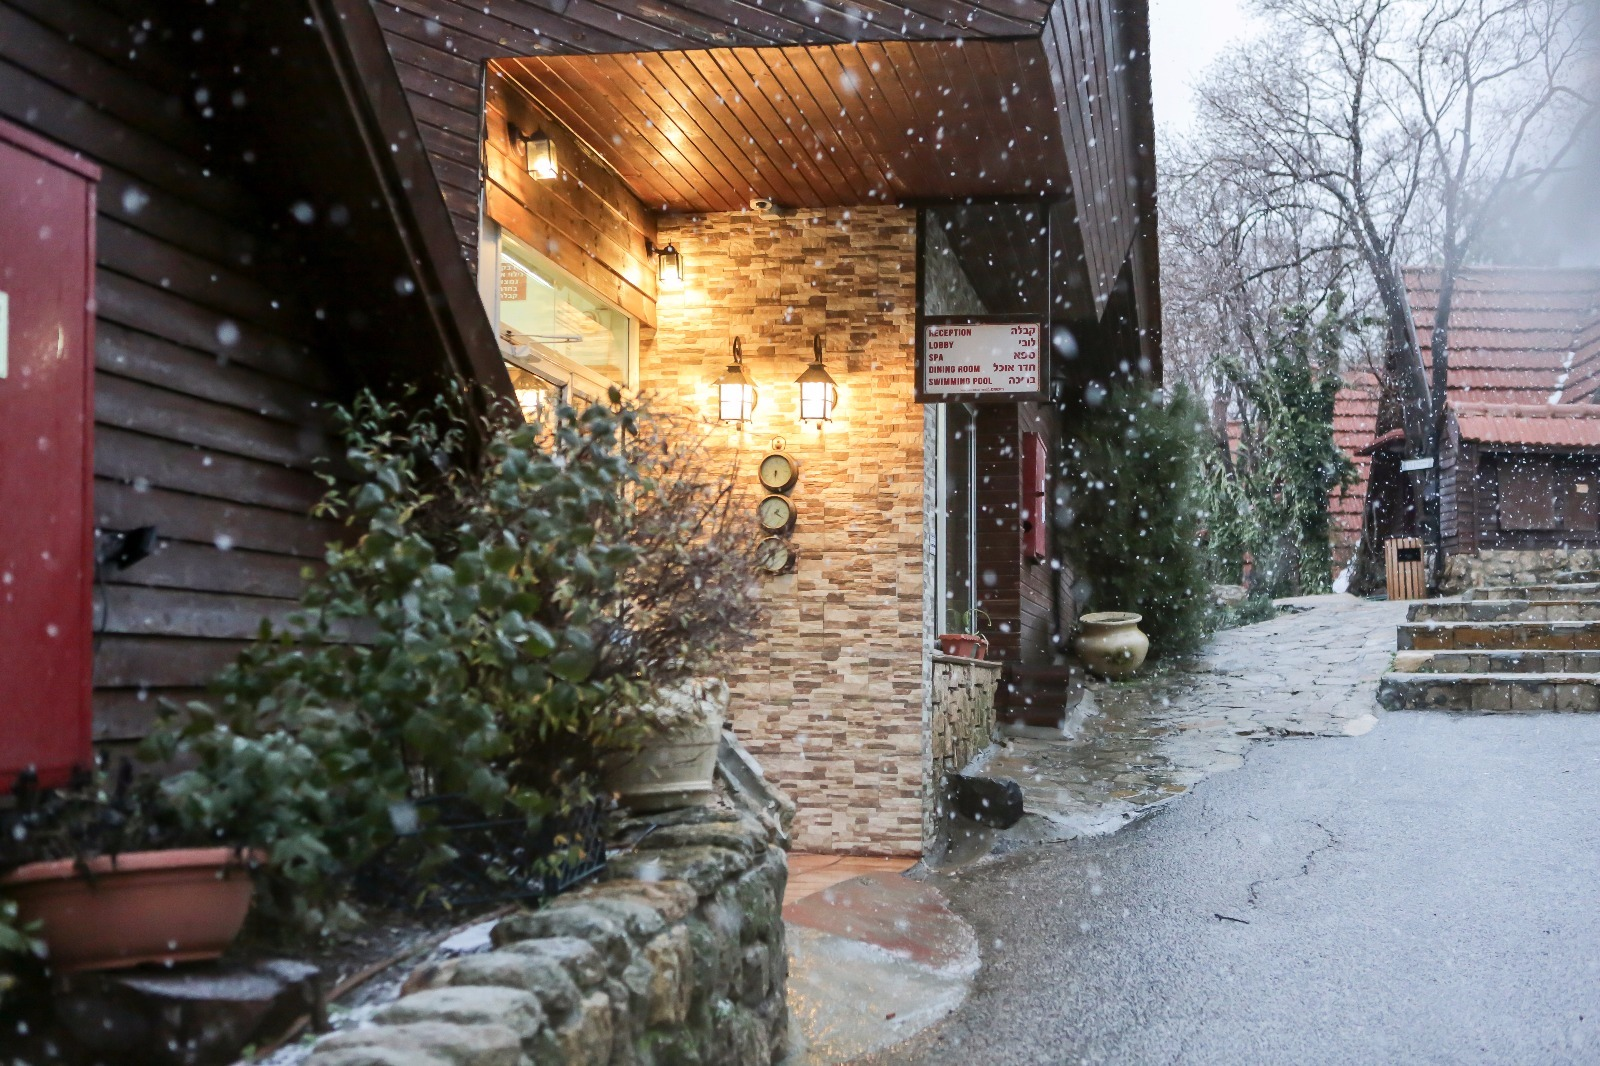 שלג בכפר הנופש רימונים נווה אטיב - 25.1.16 - צלם בן פרידמן  (5)